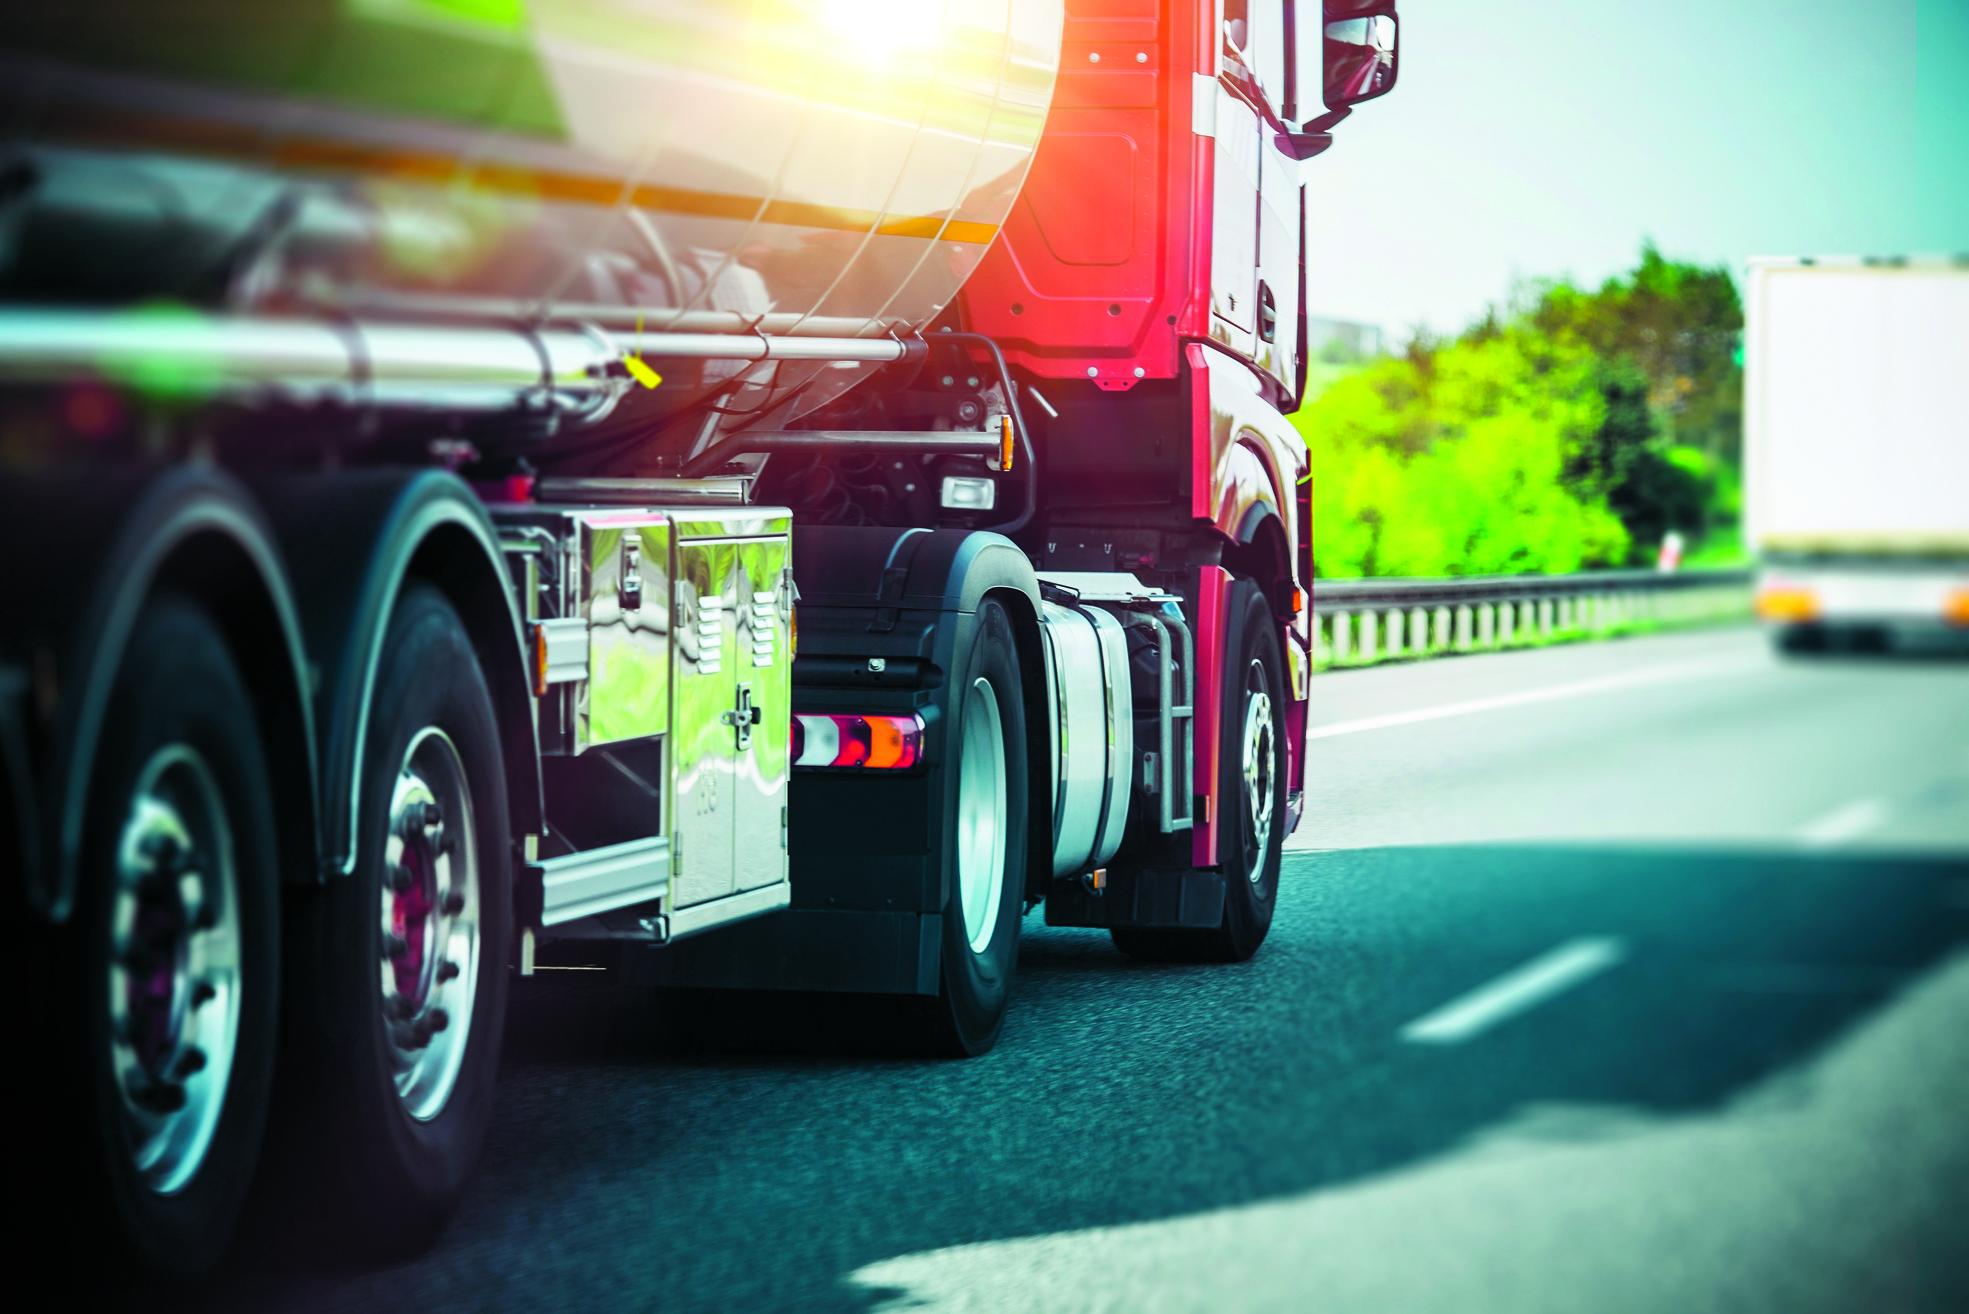 Zodra de nieuwe N23 in november in gebruik wordt genomen, is voor vrachtverkeer een alternatieve route beschikbaar. (Foto: Adobe Stock)